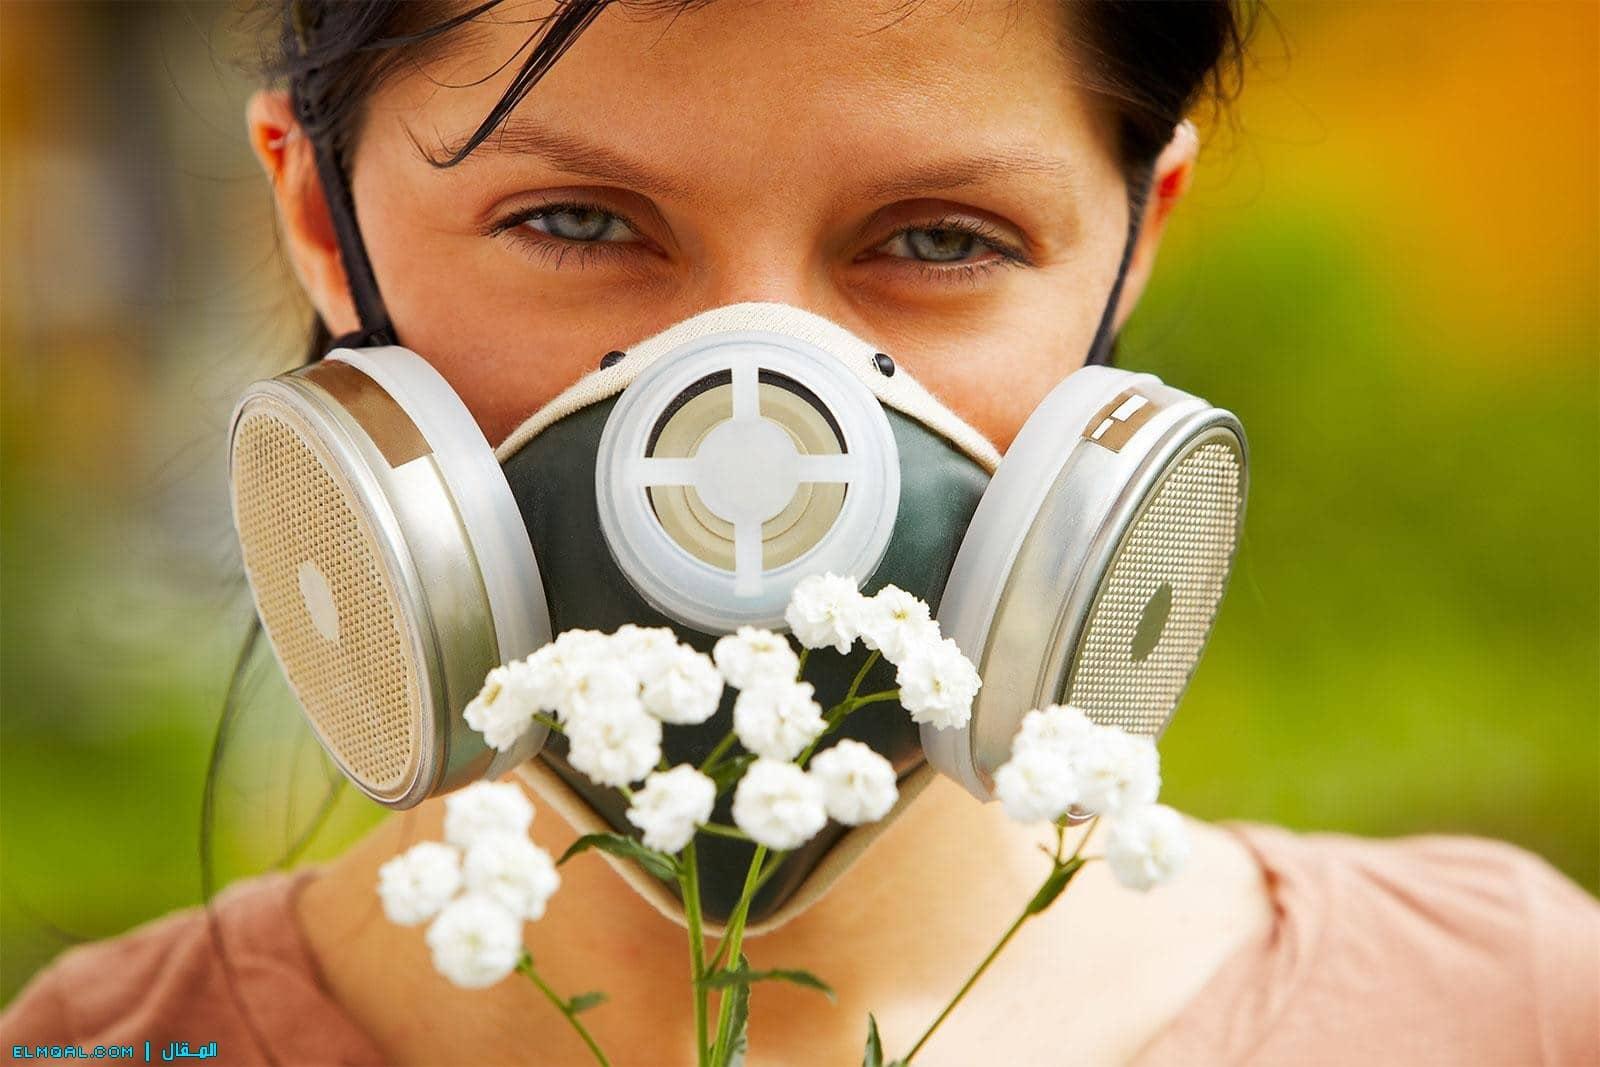 كيف تفرق بين حمى القش والأنفلونزا؟